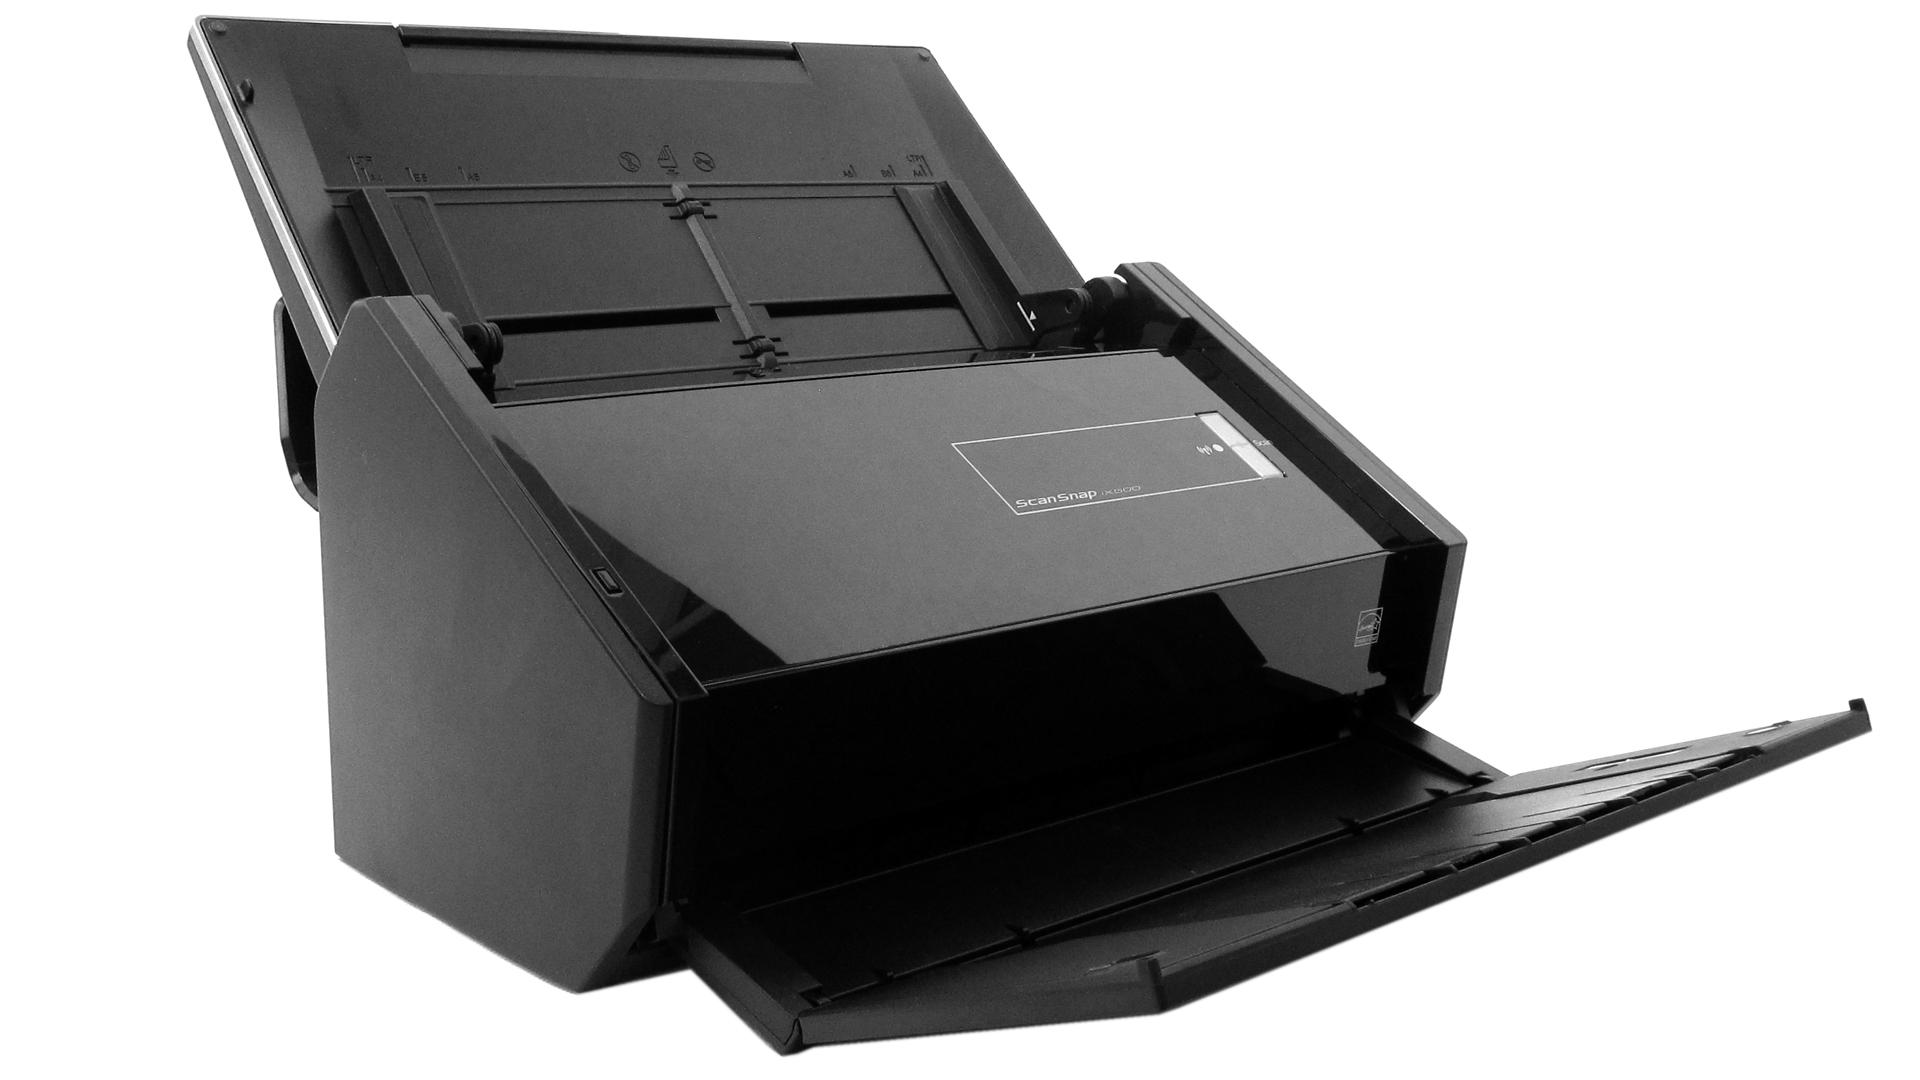 scanner fujitsu scansnap ix500 pdf